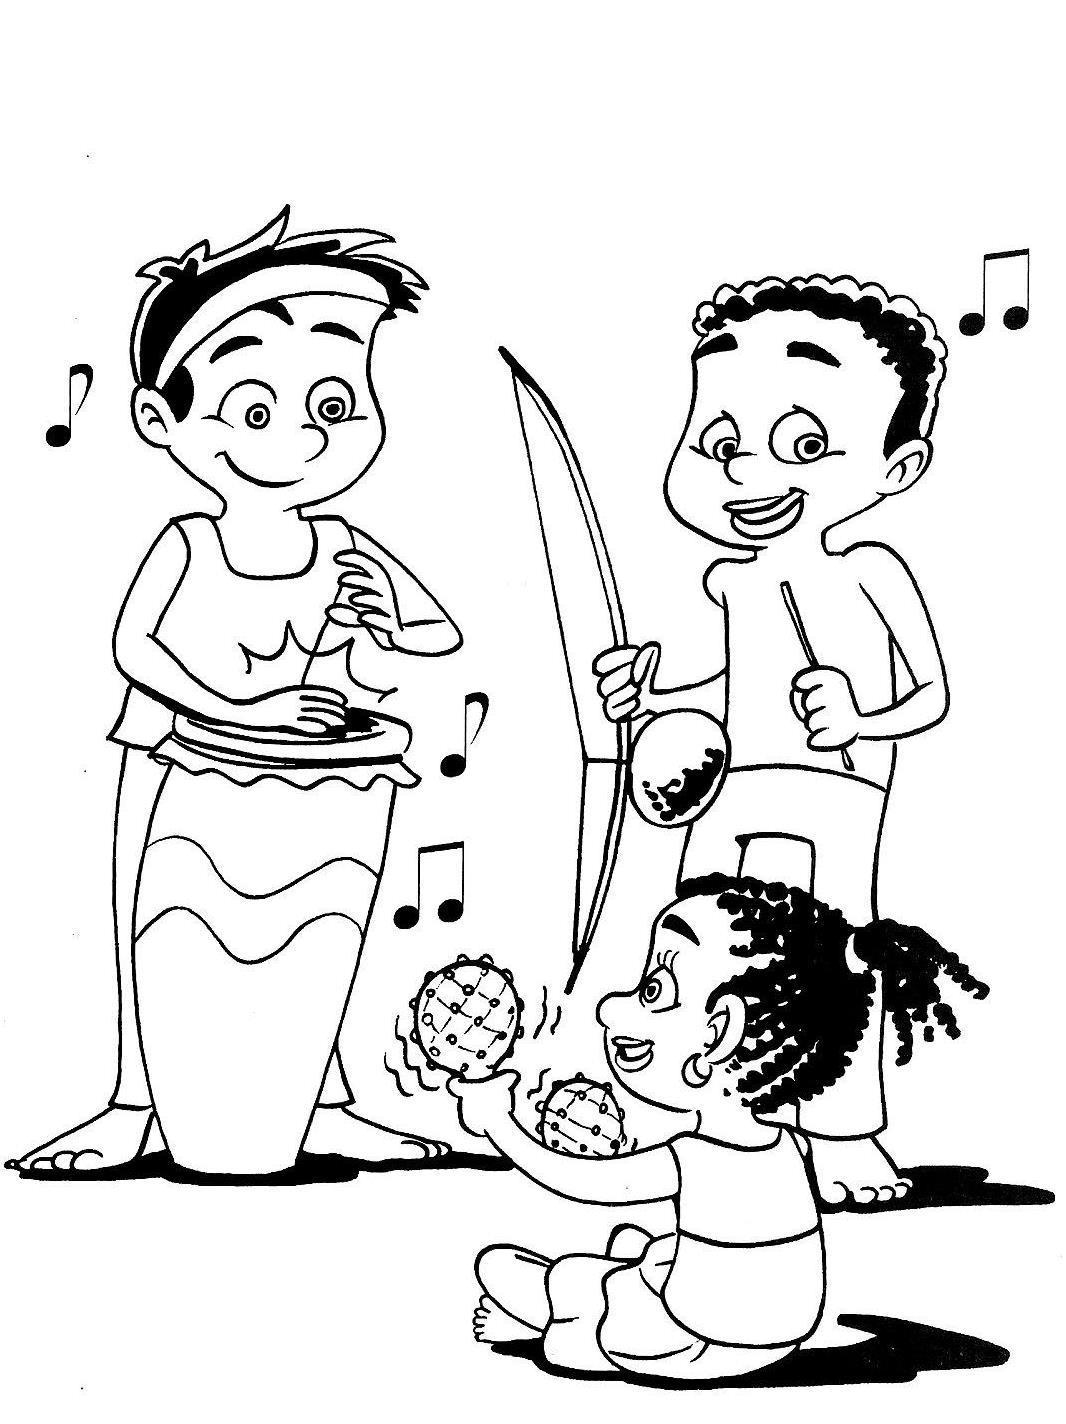 Dia+da+Aboli%C3%A7ao+da+escravatura+atividades+desenhos+(28).jpg